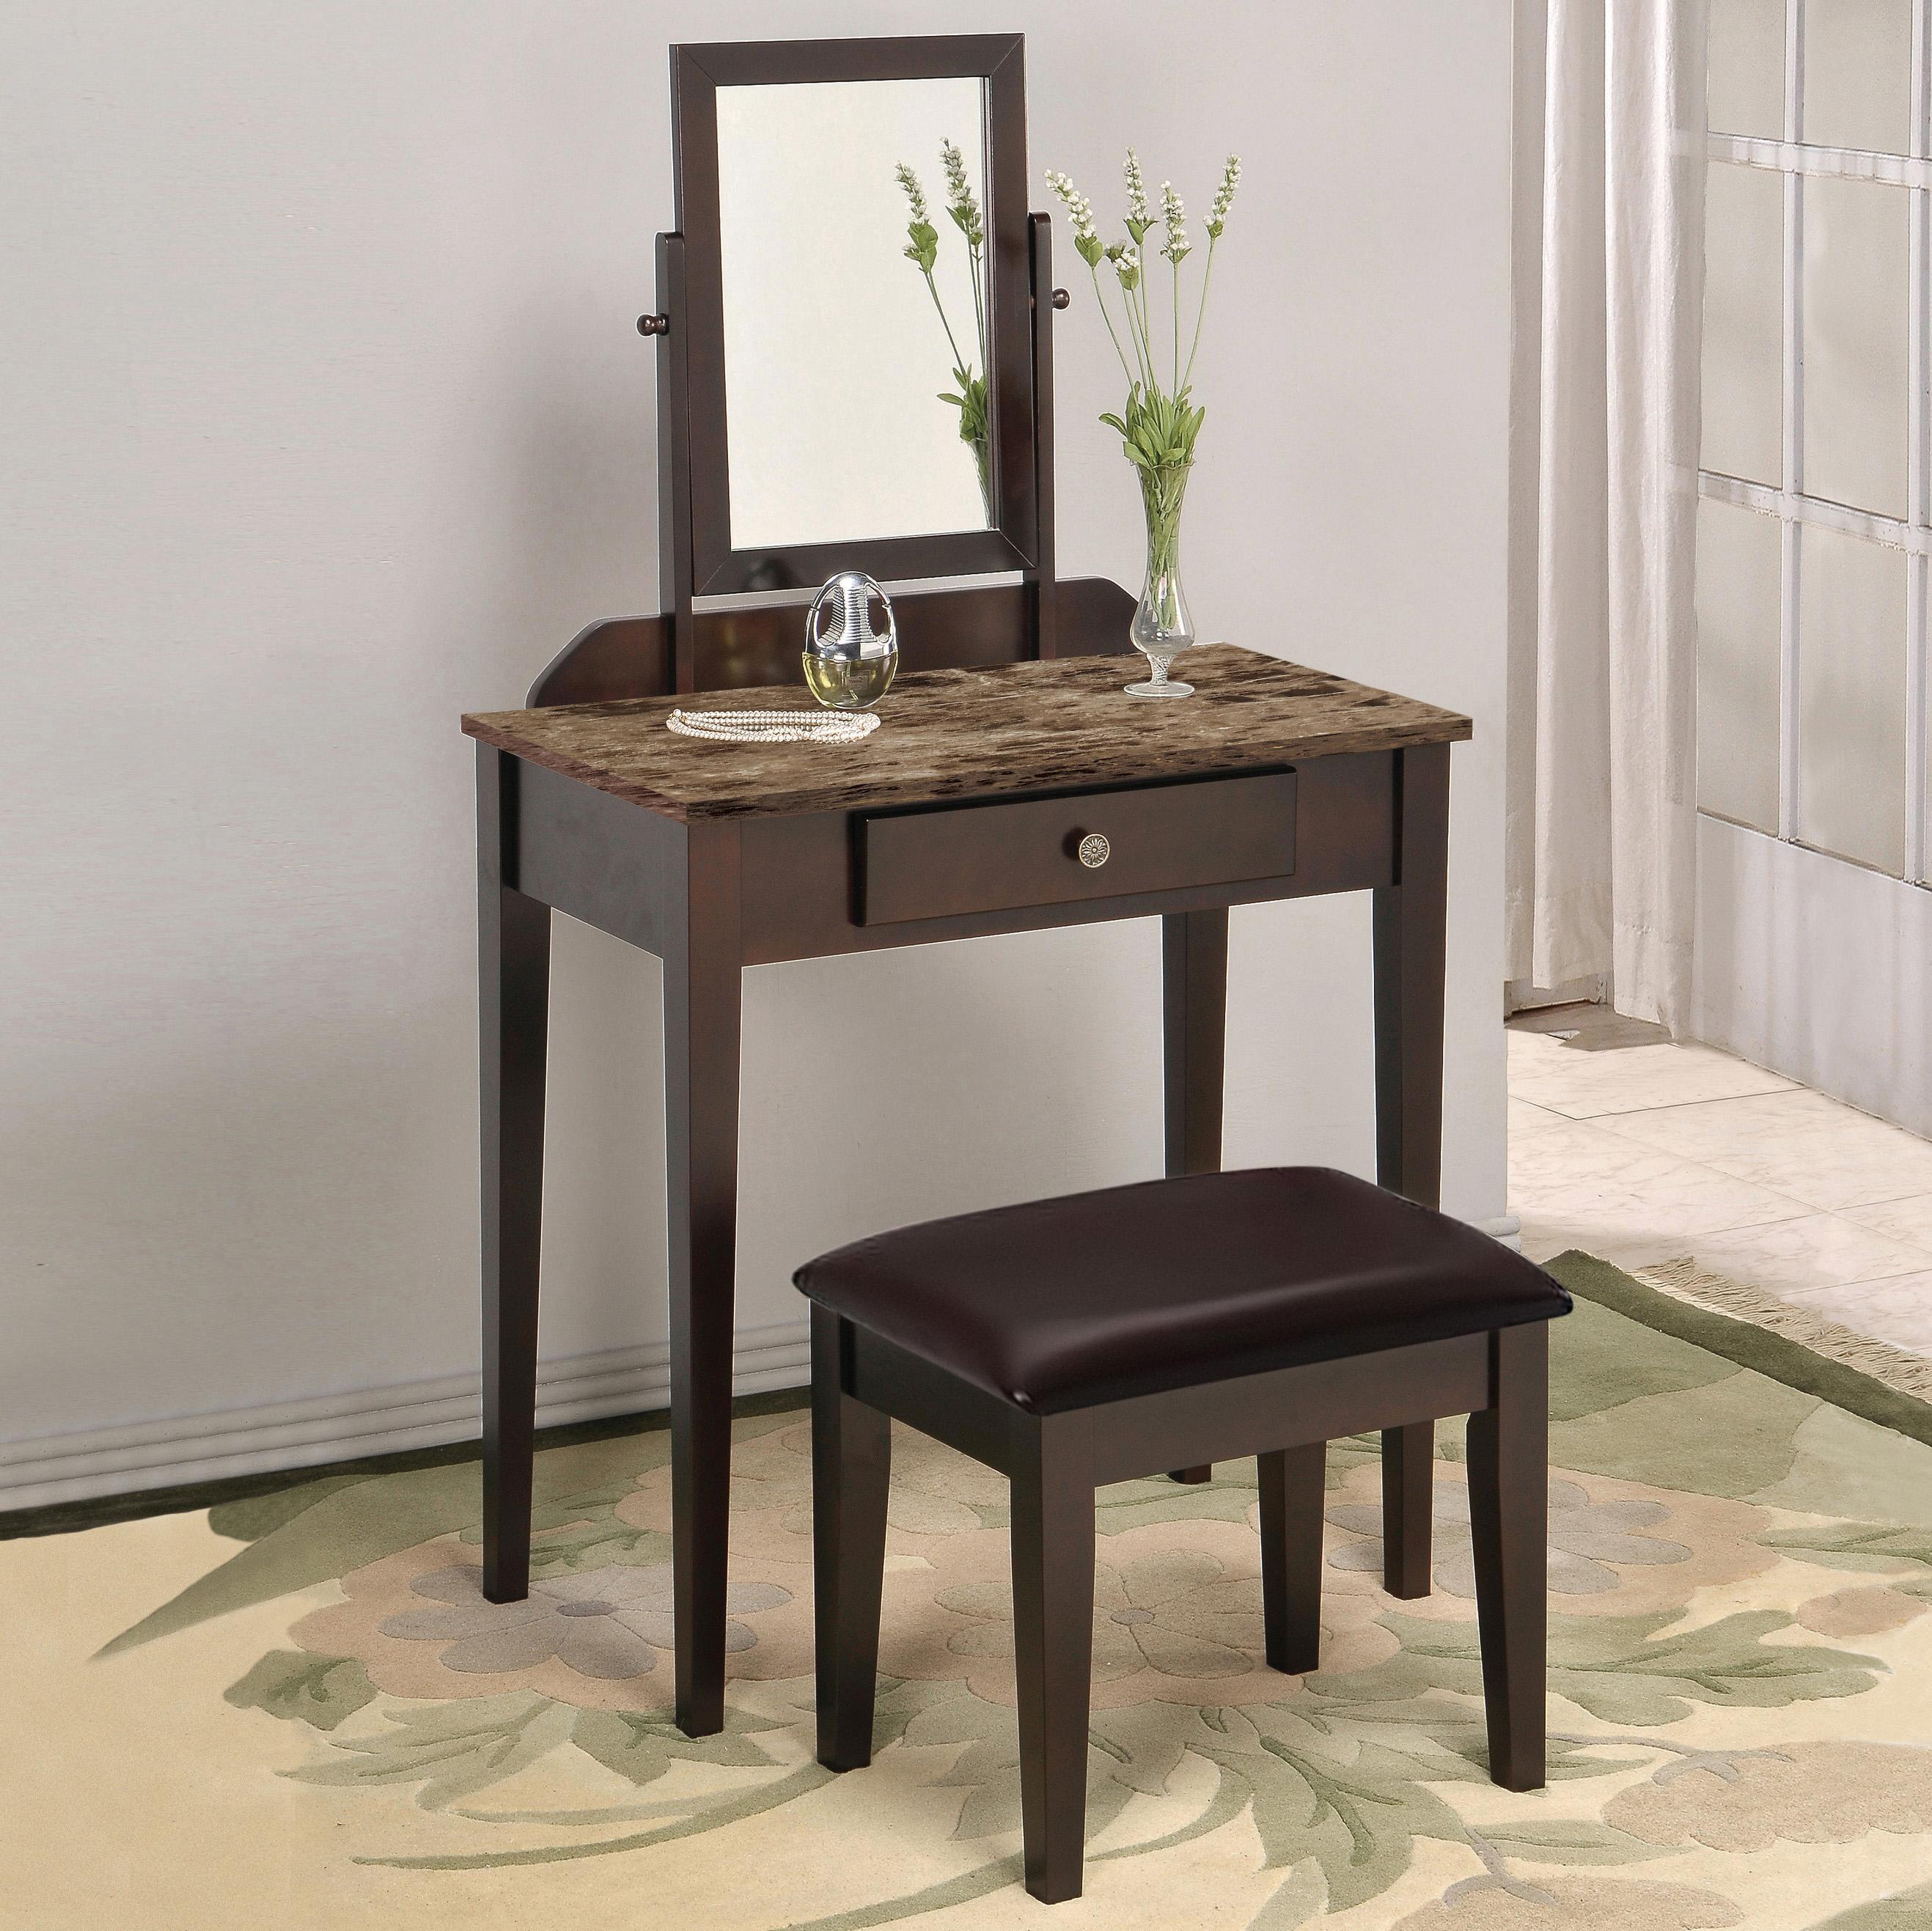 Iris Vanity Table & Stool by Crown Mark at Bullard Furniture